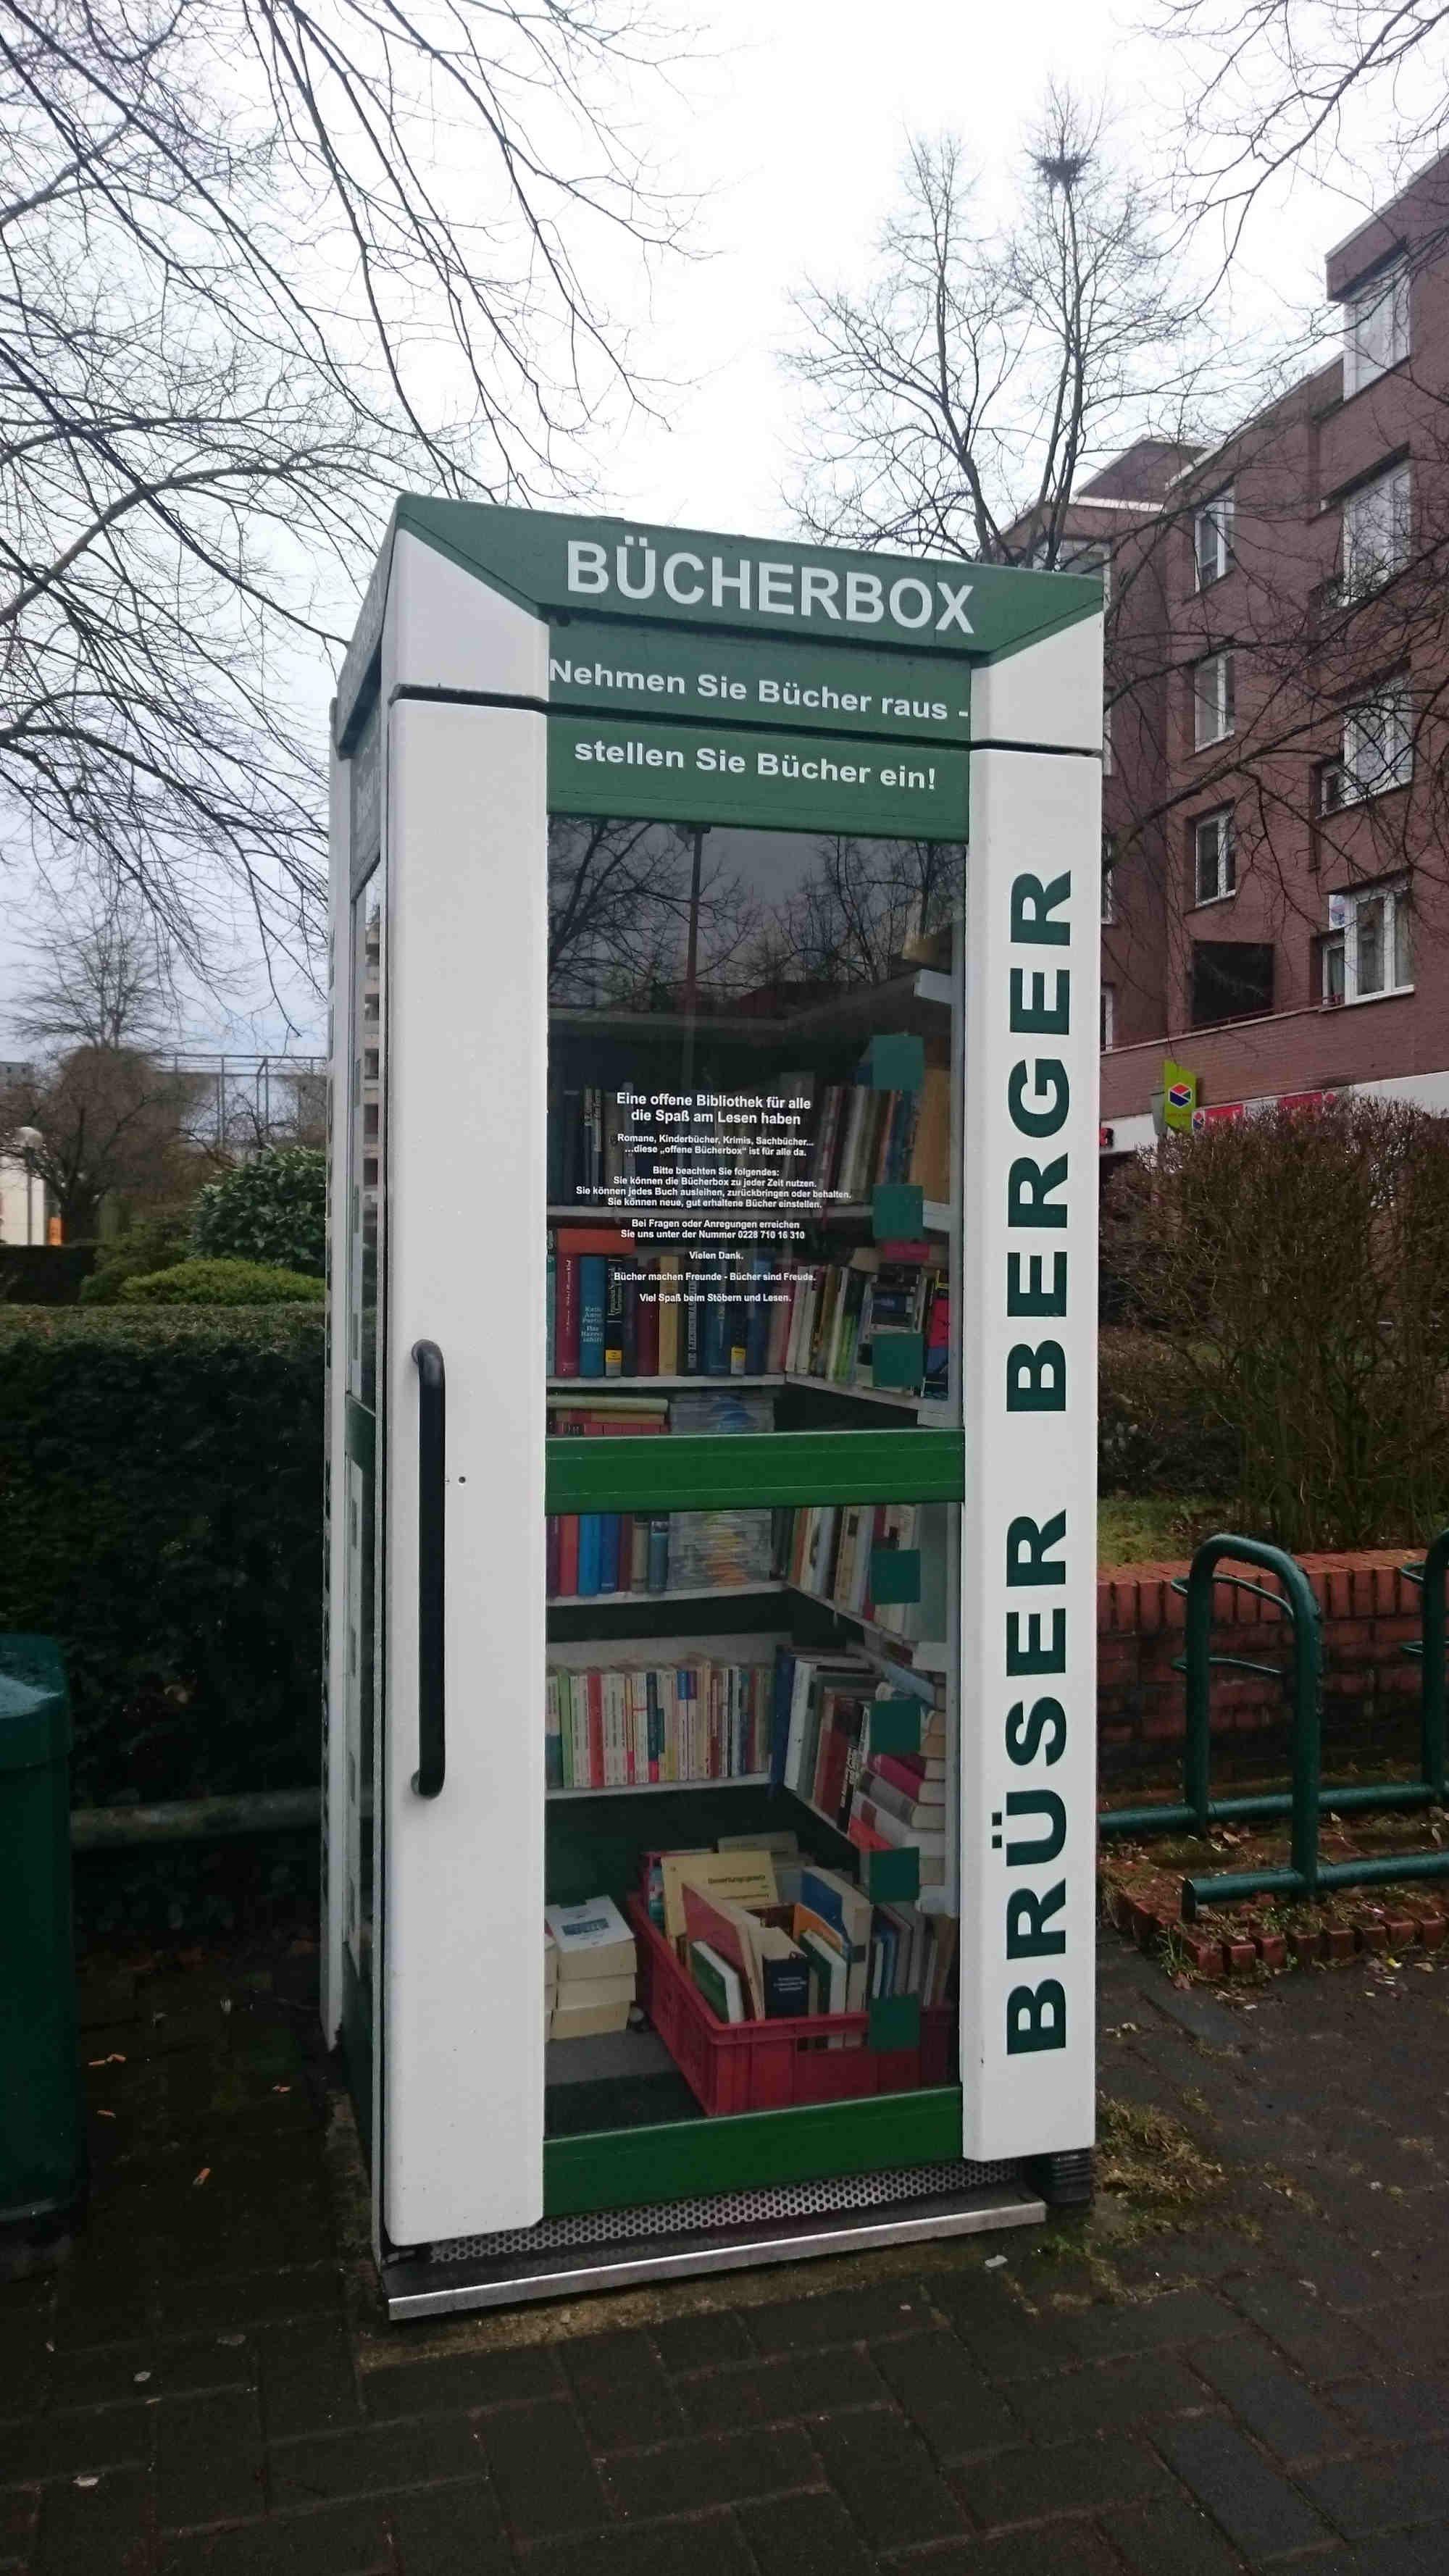 Brüser Berger Bücherschrank, Bonn